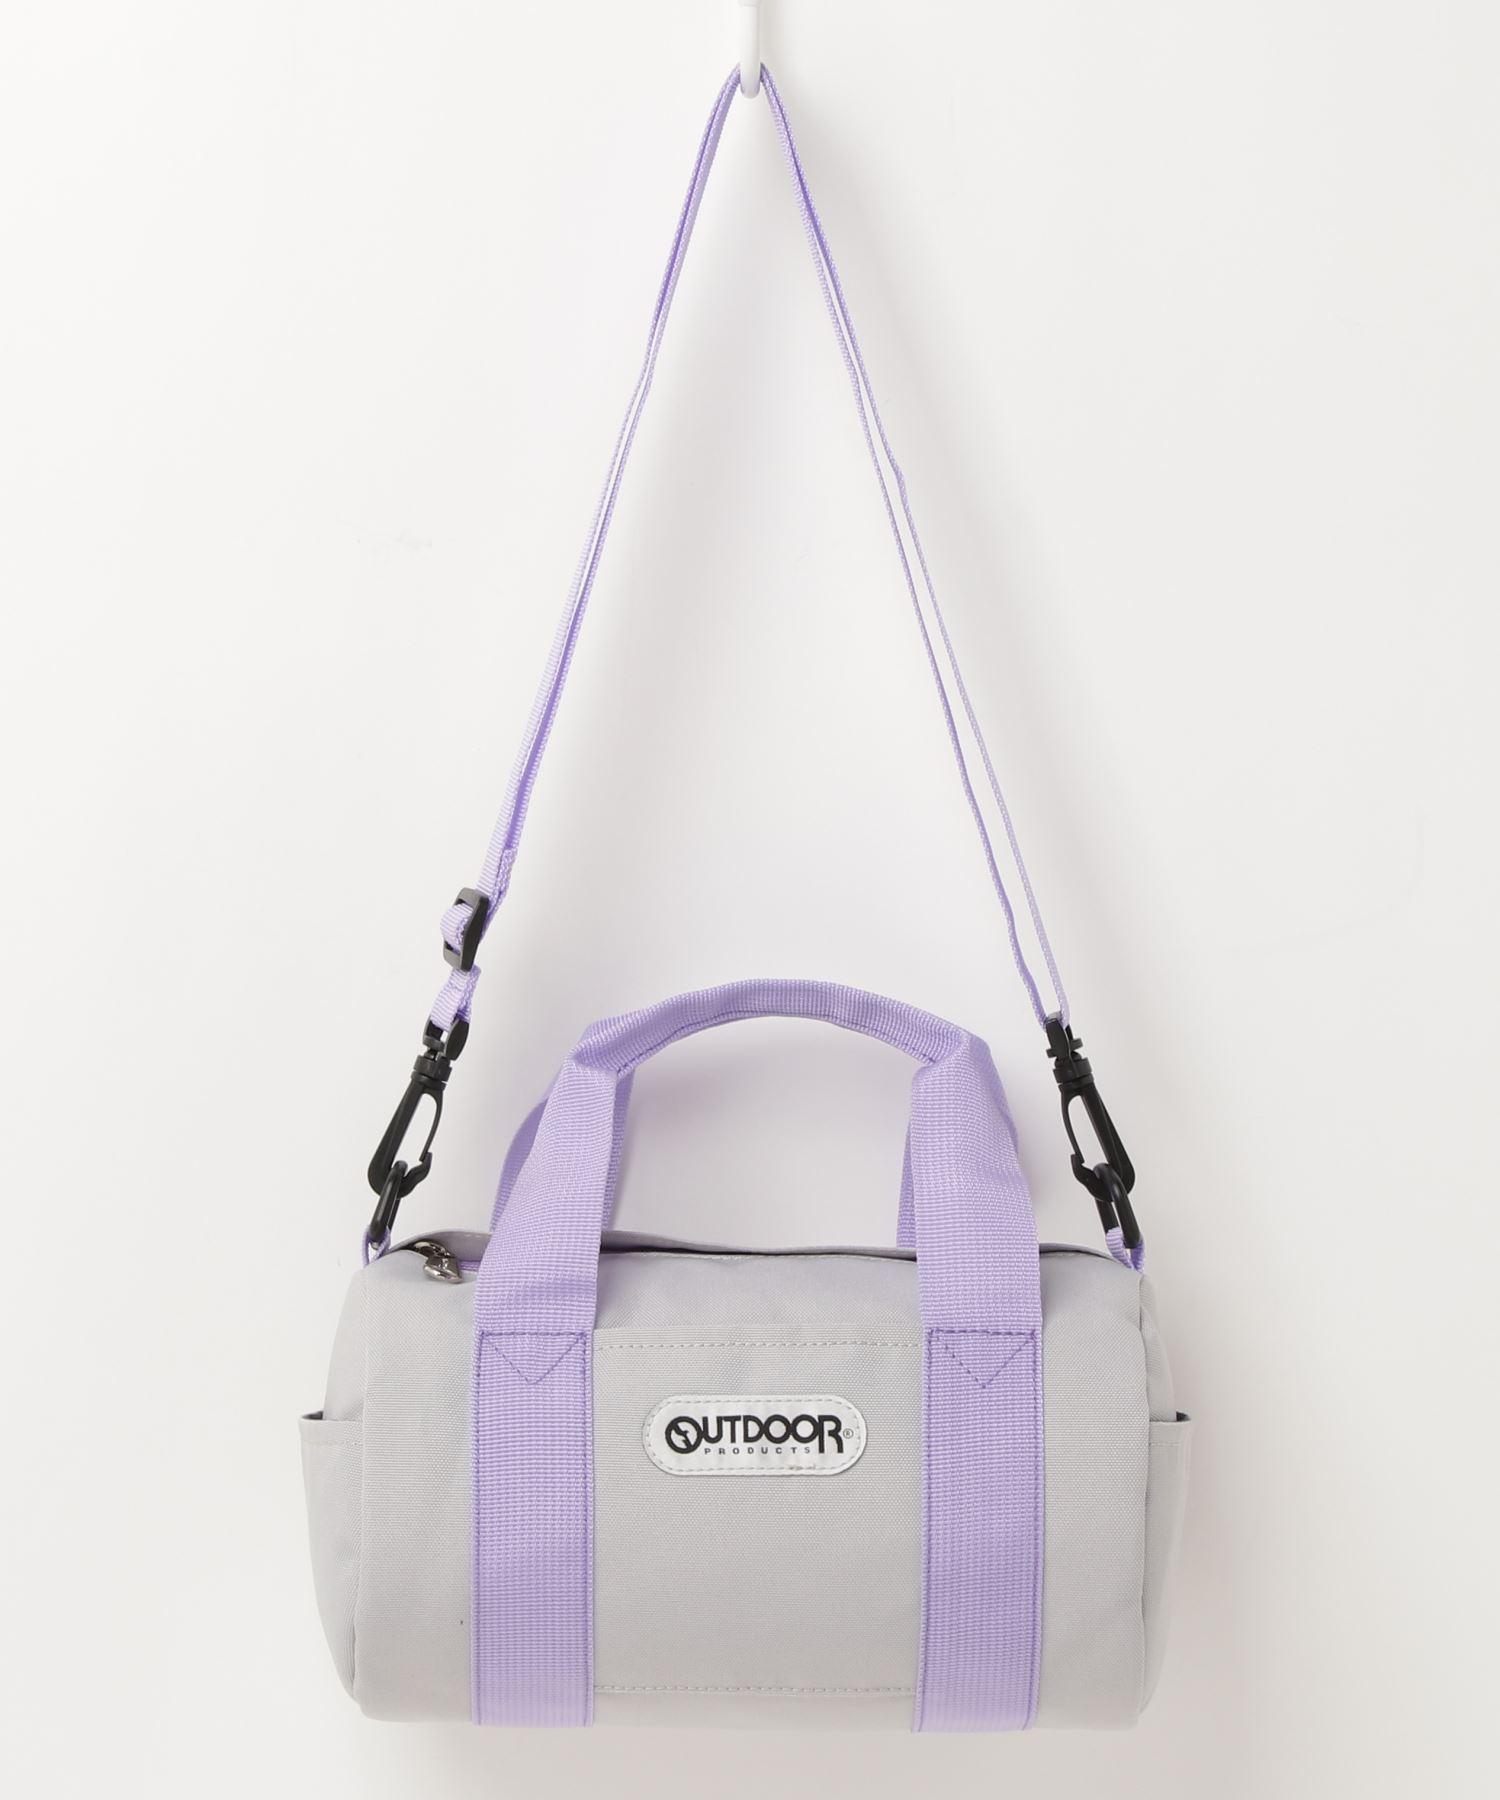 【EC限定商品】YREKA SHOULDER BAG ボストン型ショルダーバッグ